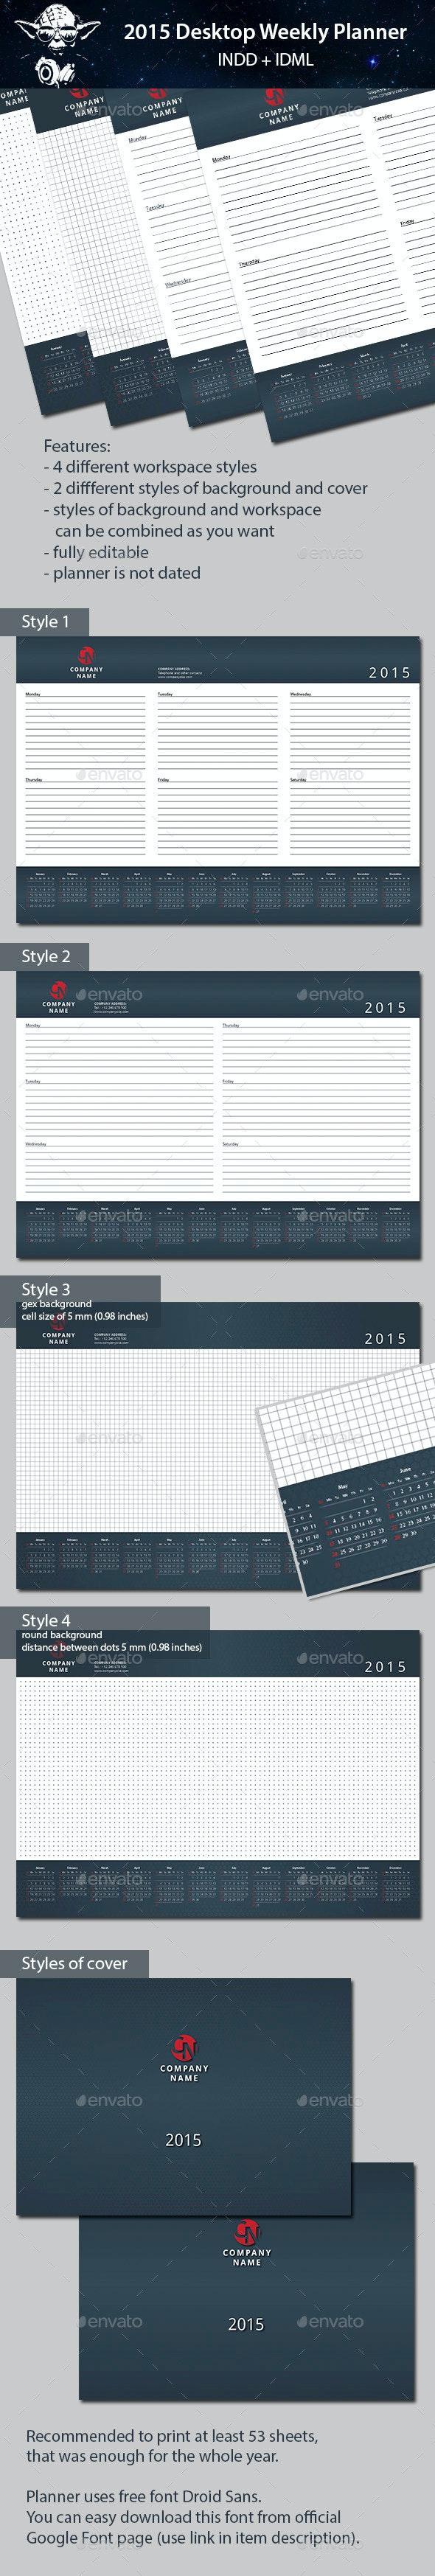 2015 Desktop Weekly Planner  - Calendars Stationery